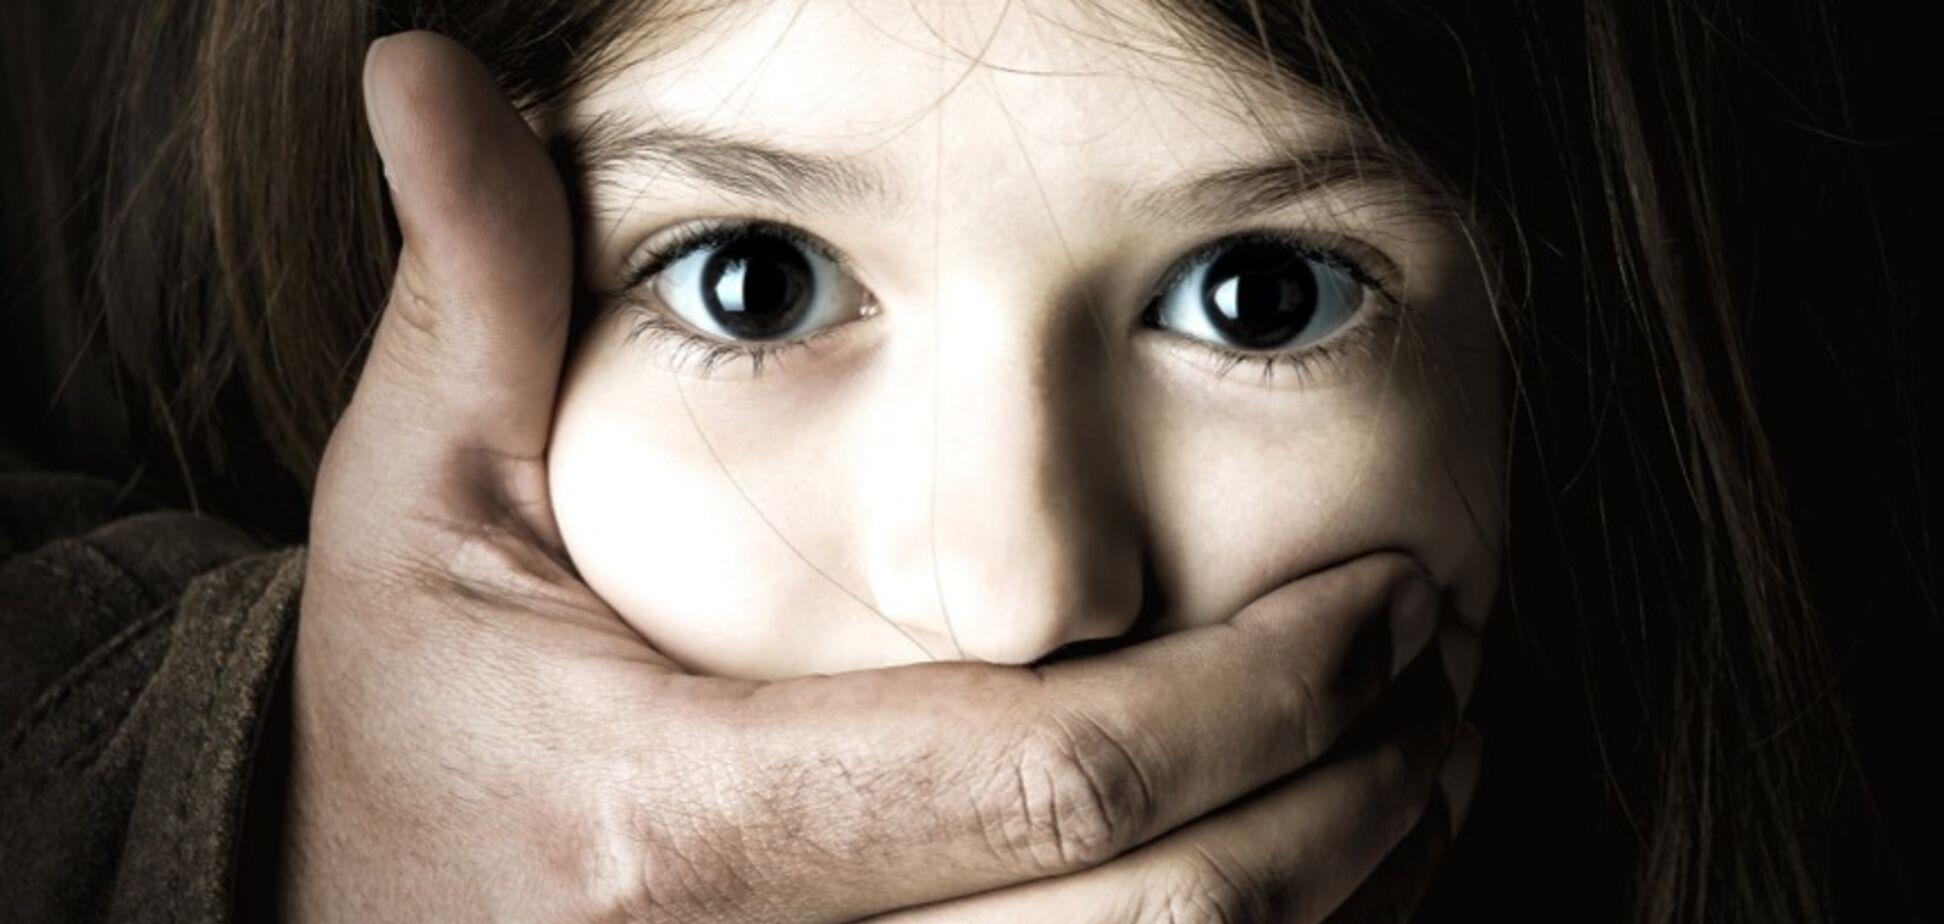 ''Меня насиловал дедушка''. Как после этого жить